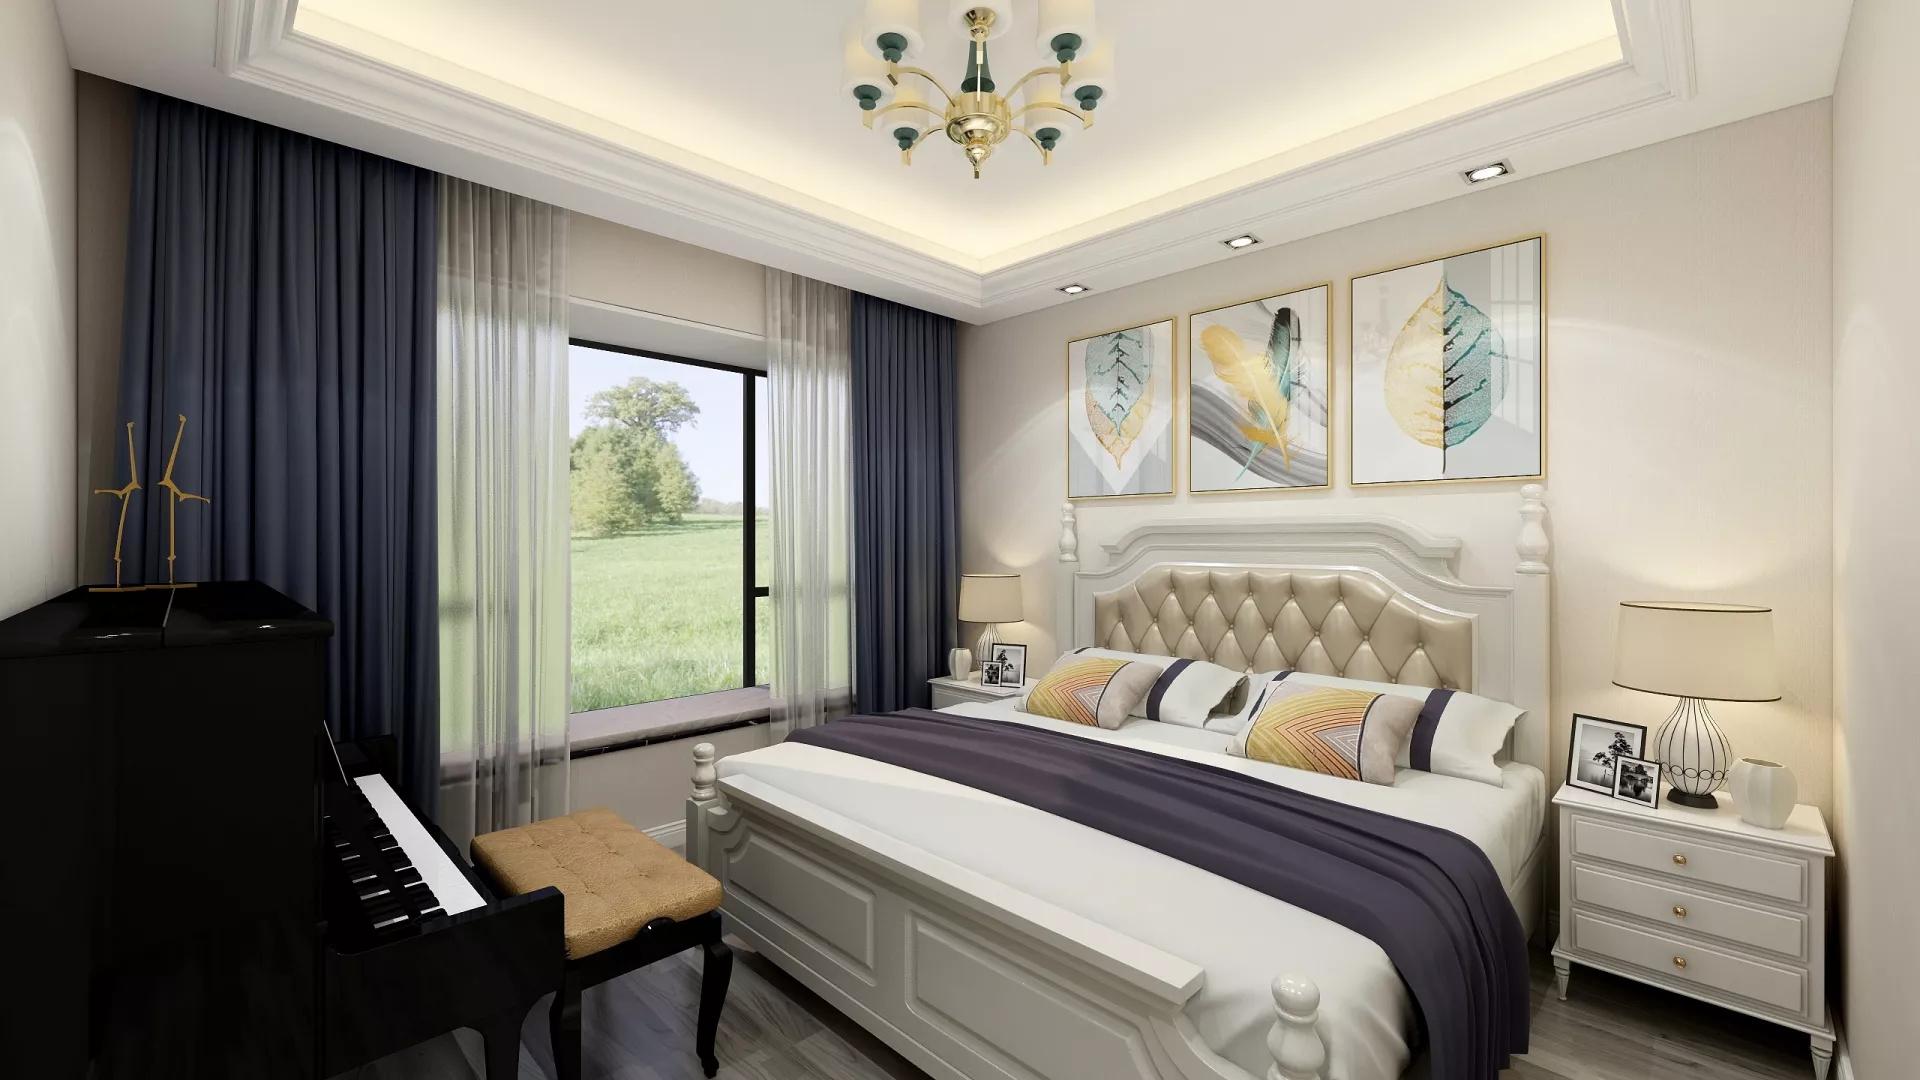 奢华欧式新古典风格四居室公寓样板房装修效果图